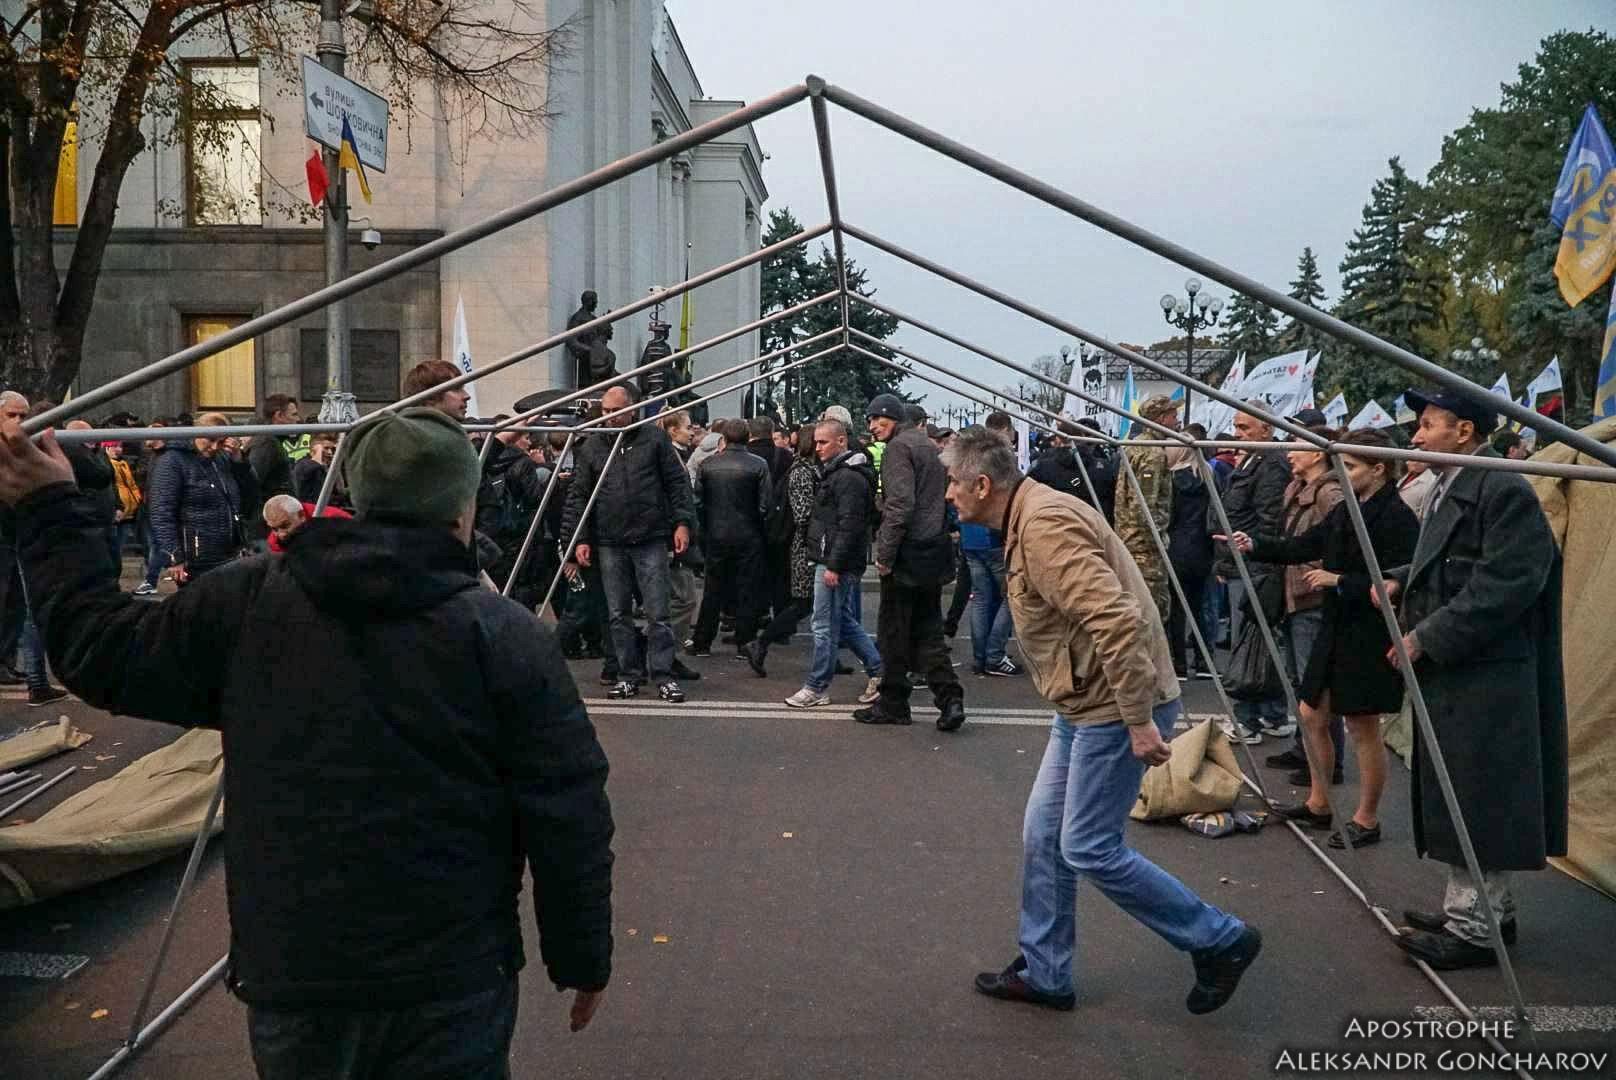 Чорновил: Саакашвили распорядился устанавливать палатки, а послушные хохлы бросились все выполнять